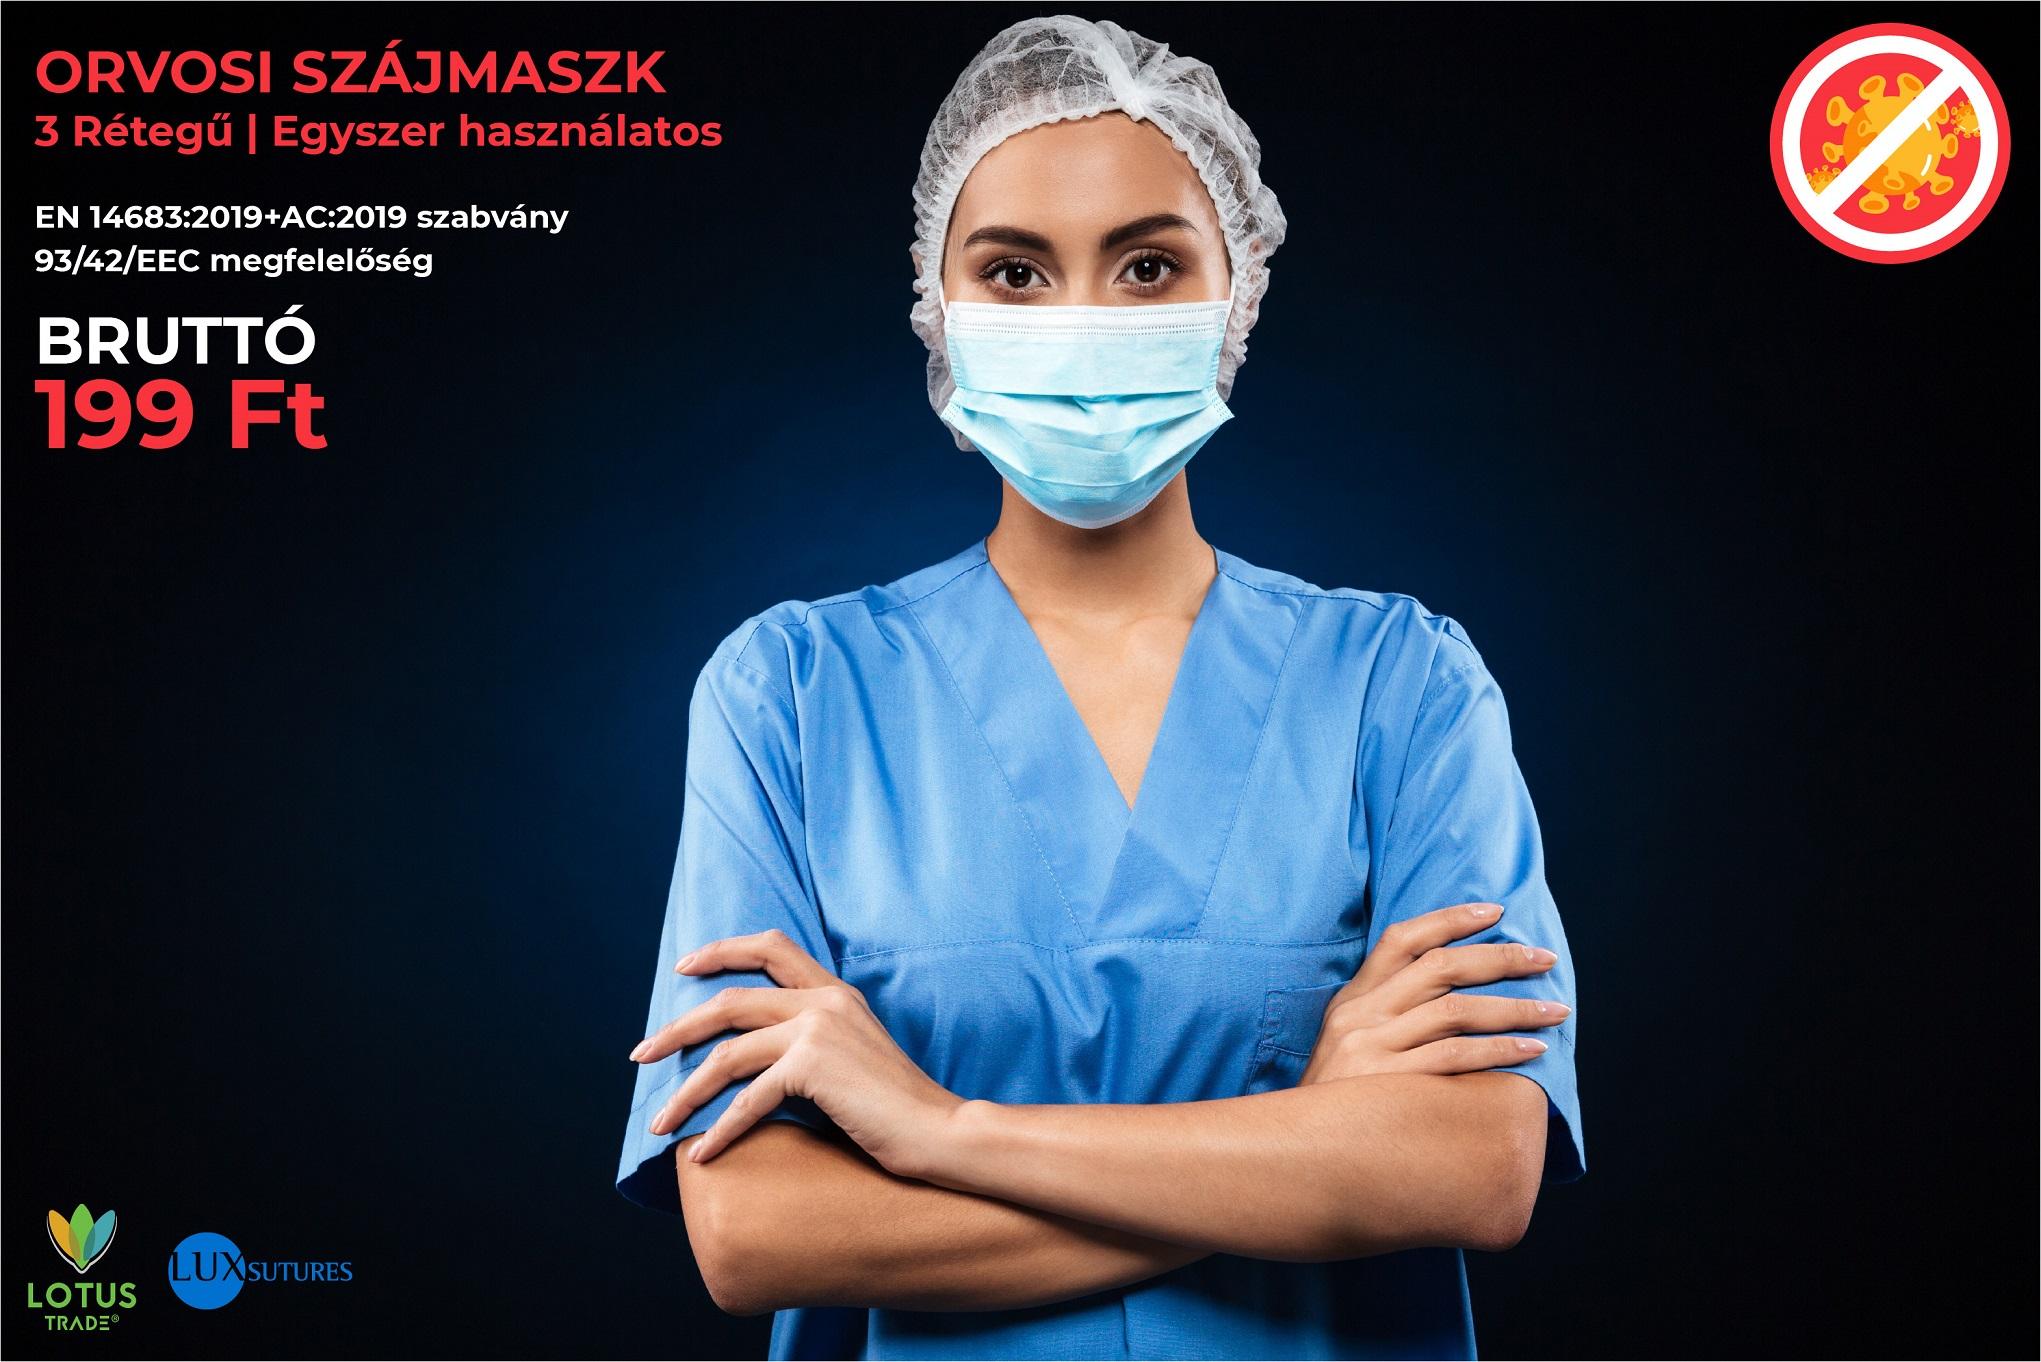 orvosi-szajmaszk-luxsutures-199